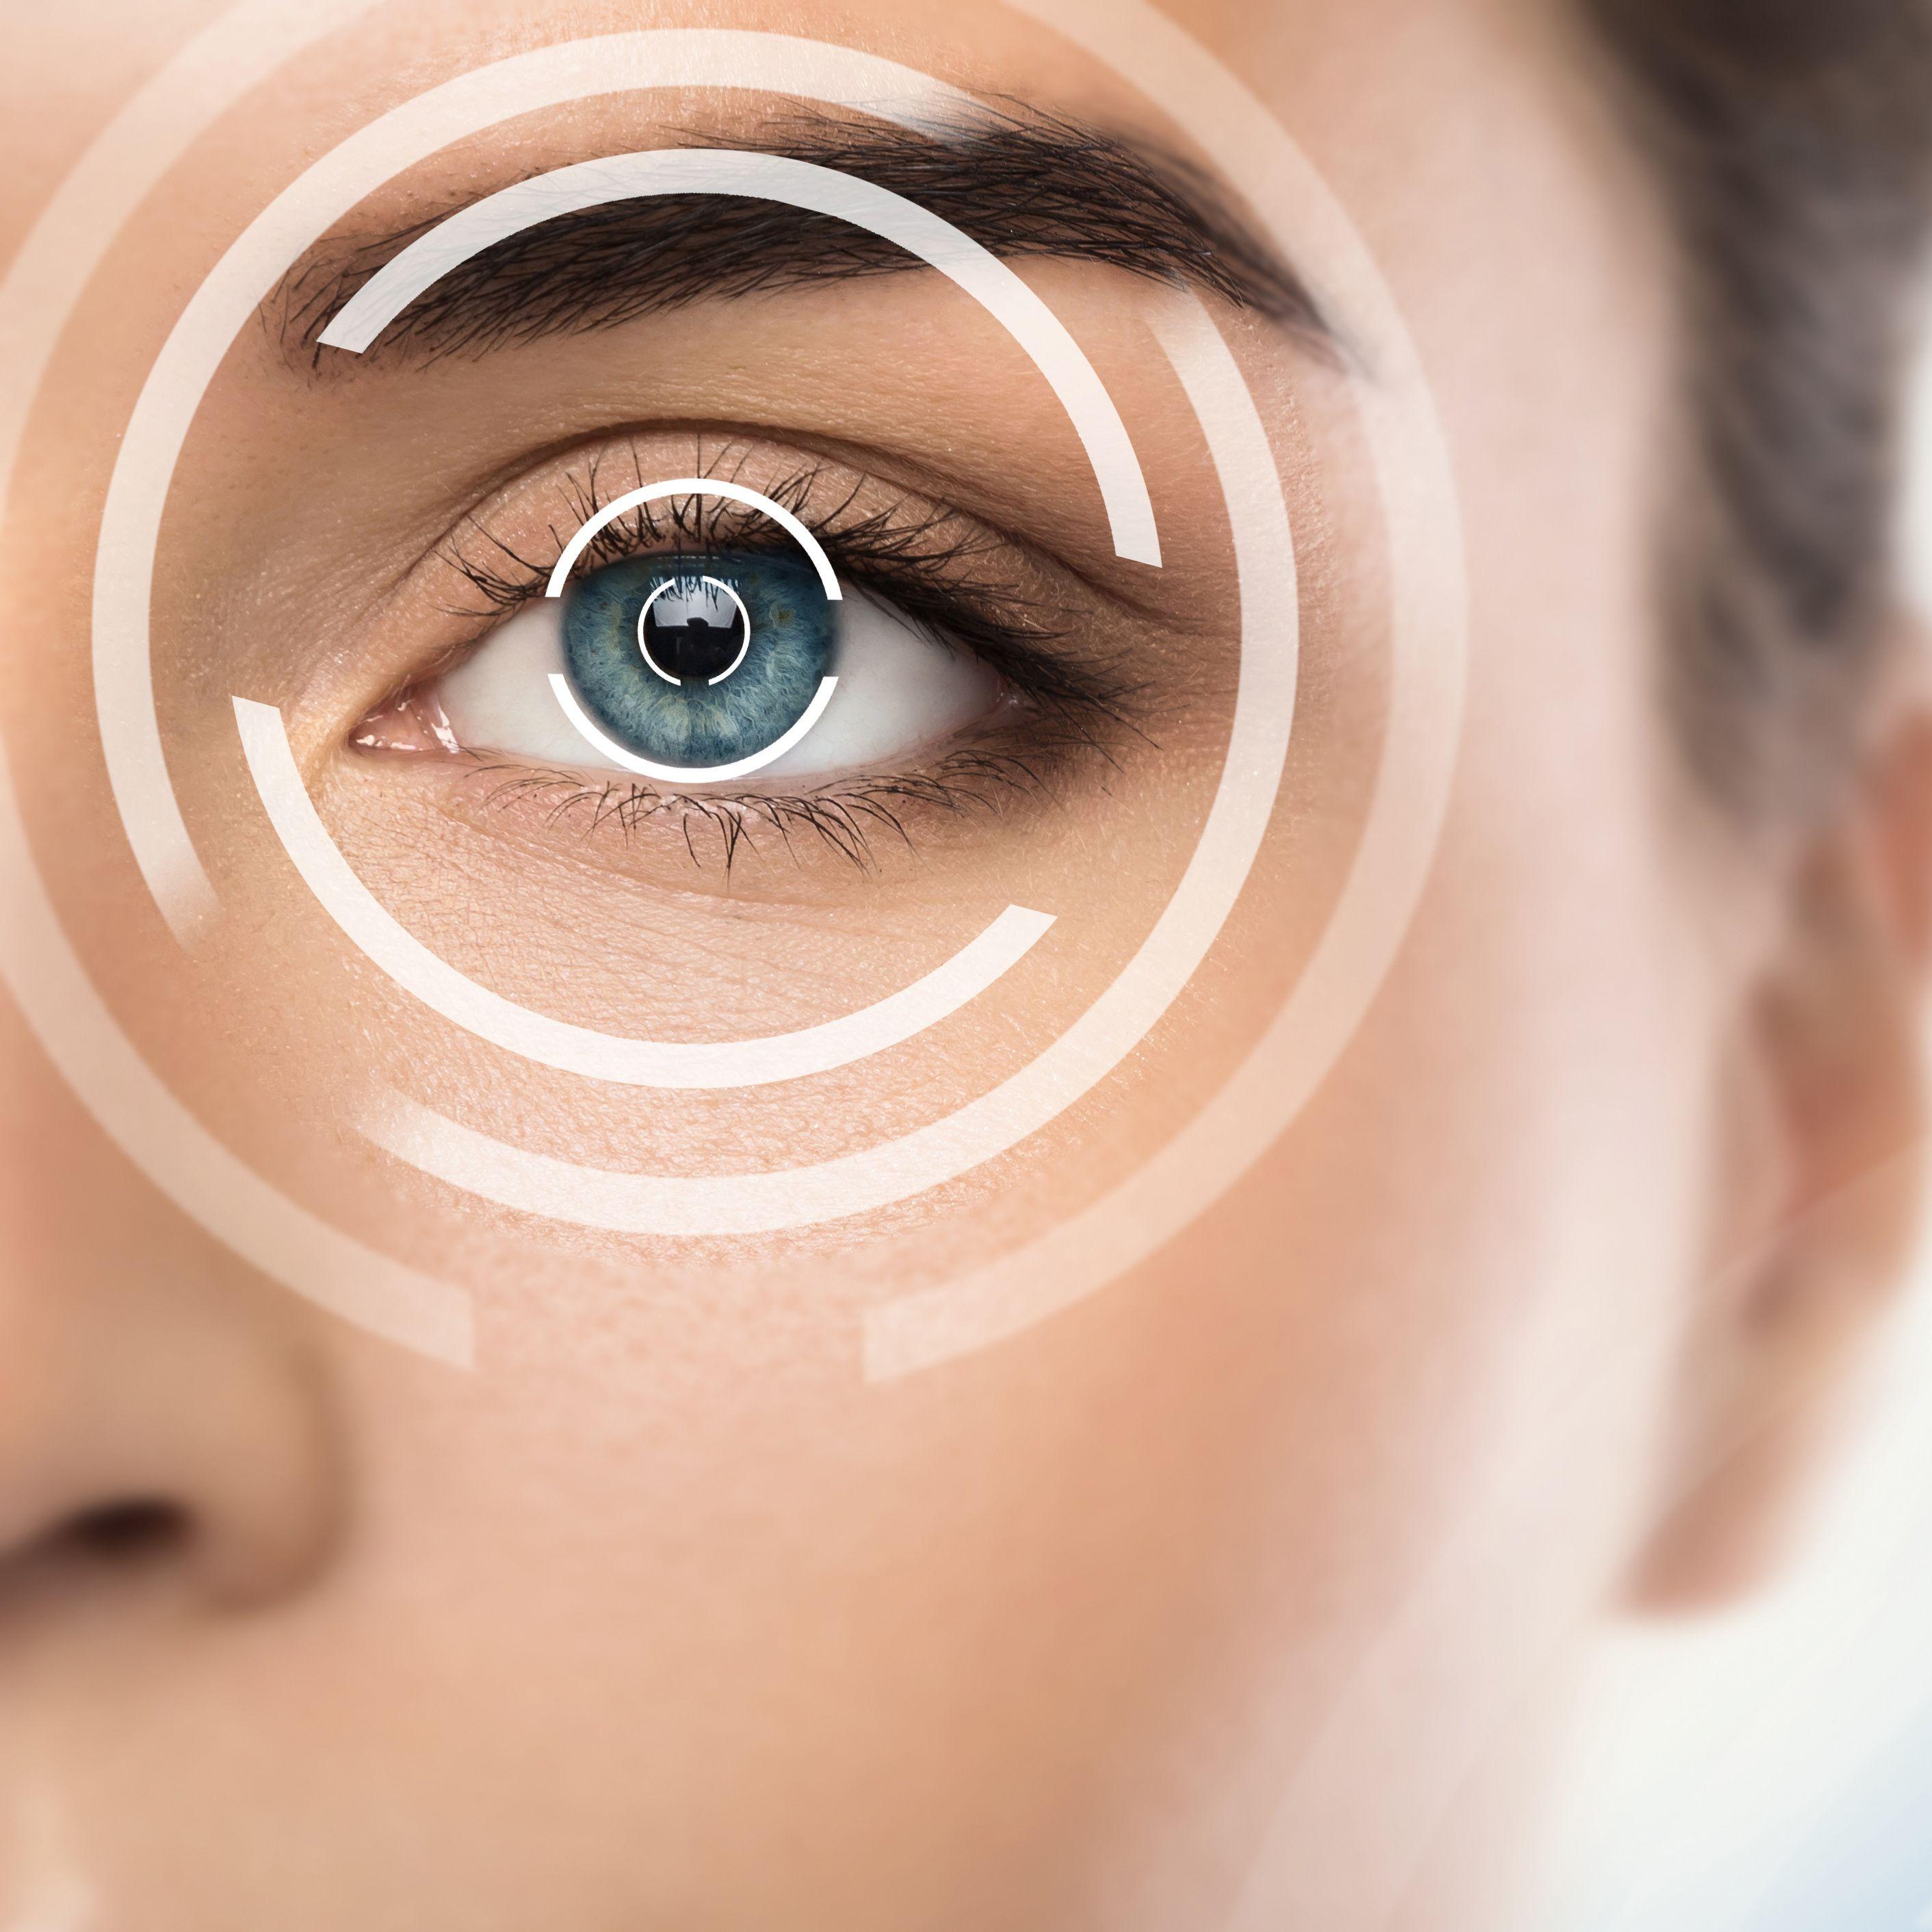 Smile Laser Eye Surgery Lasik Eye Surgery Laser Eye Surgery Eye Surgery